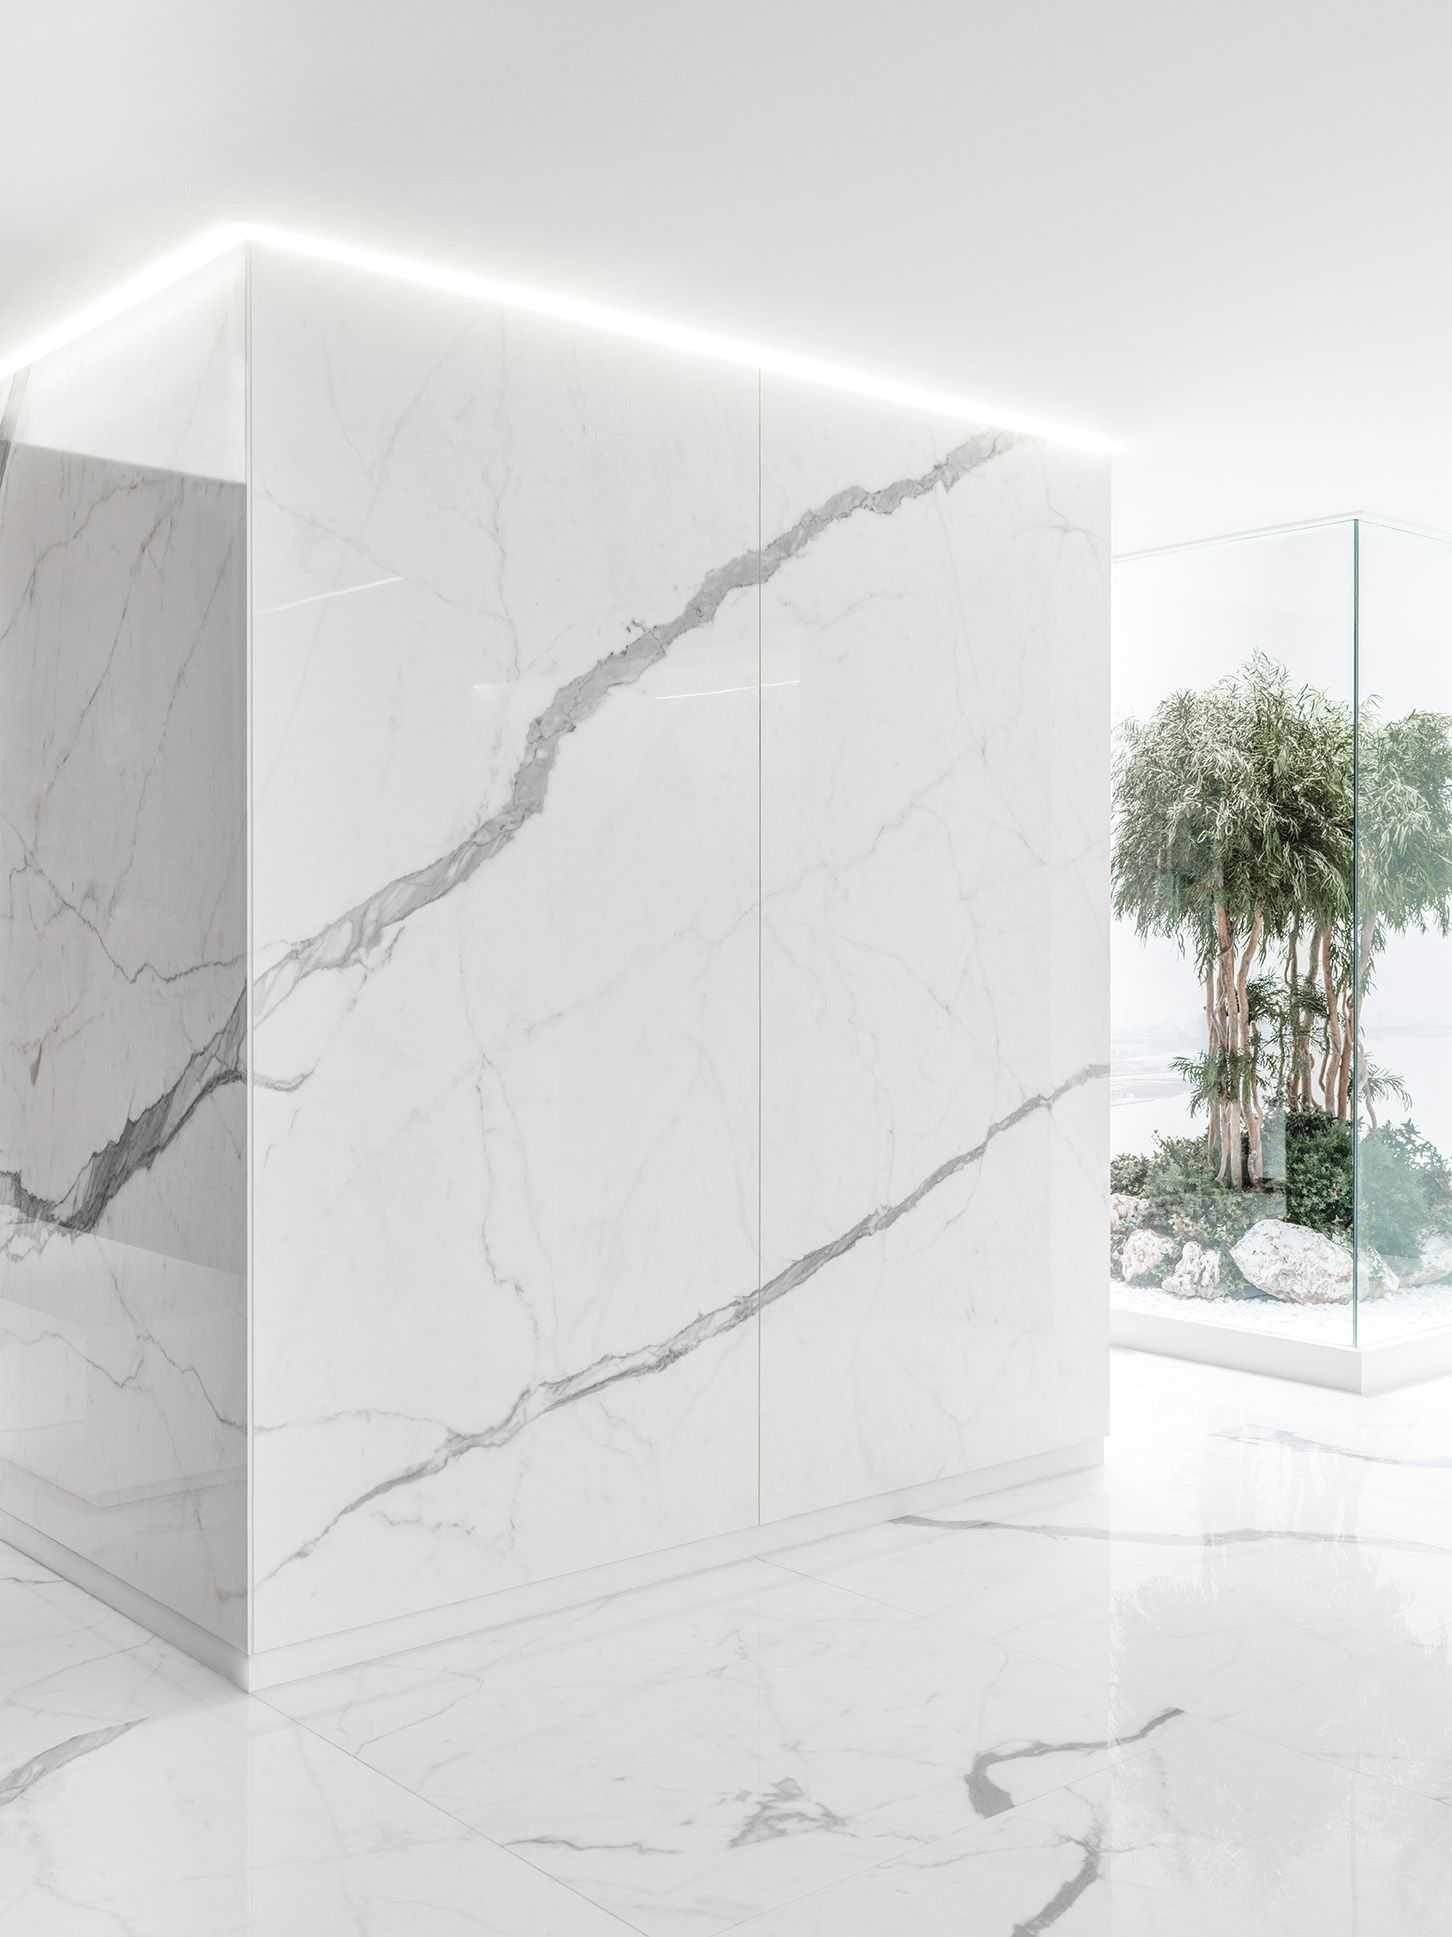 Granite Floor Large Tiles Google Search Escadas De Marmore Ideias De Decoracao Casa Desenho Do Piso